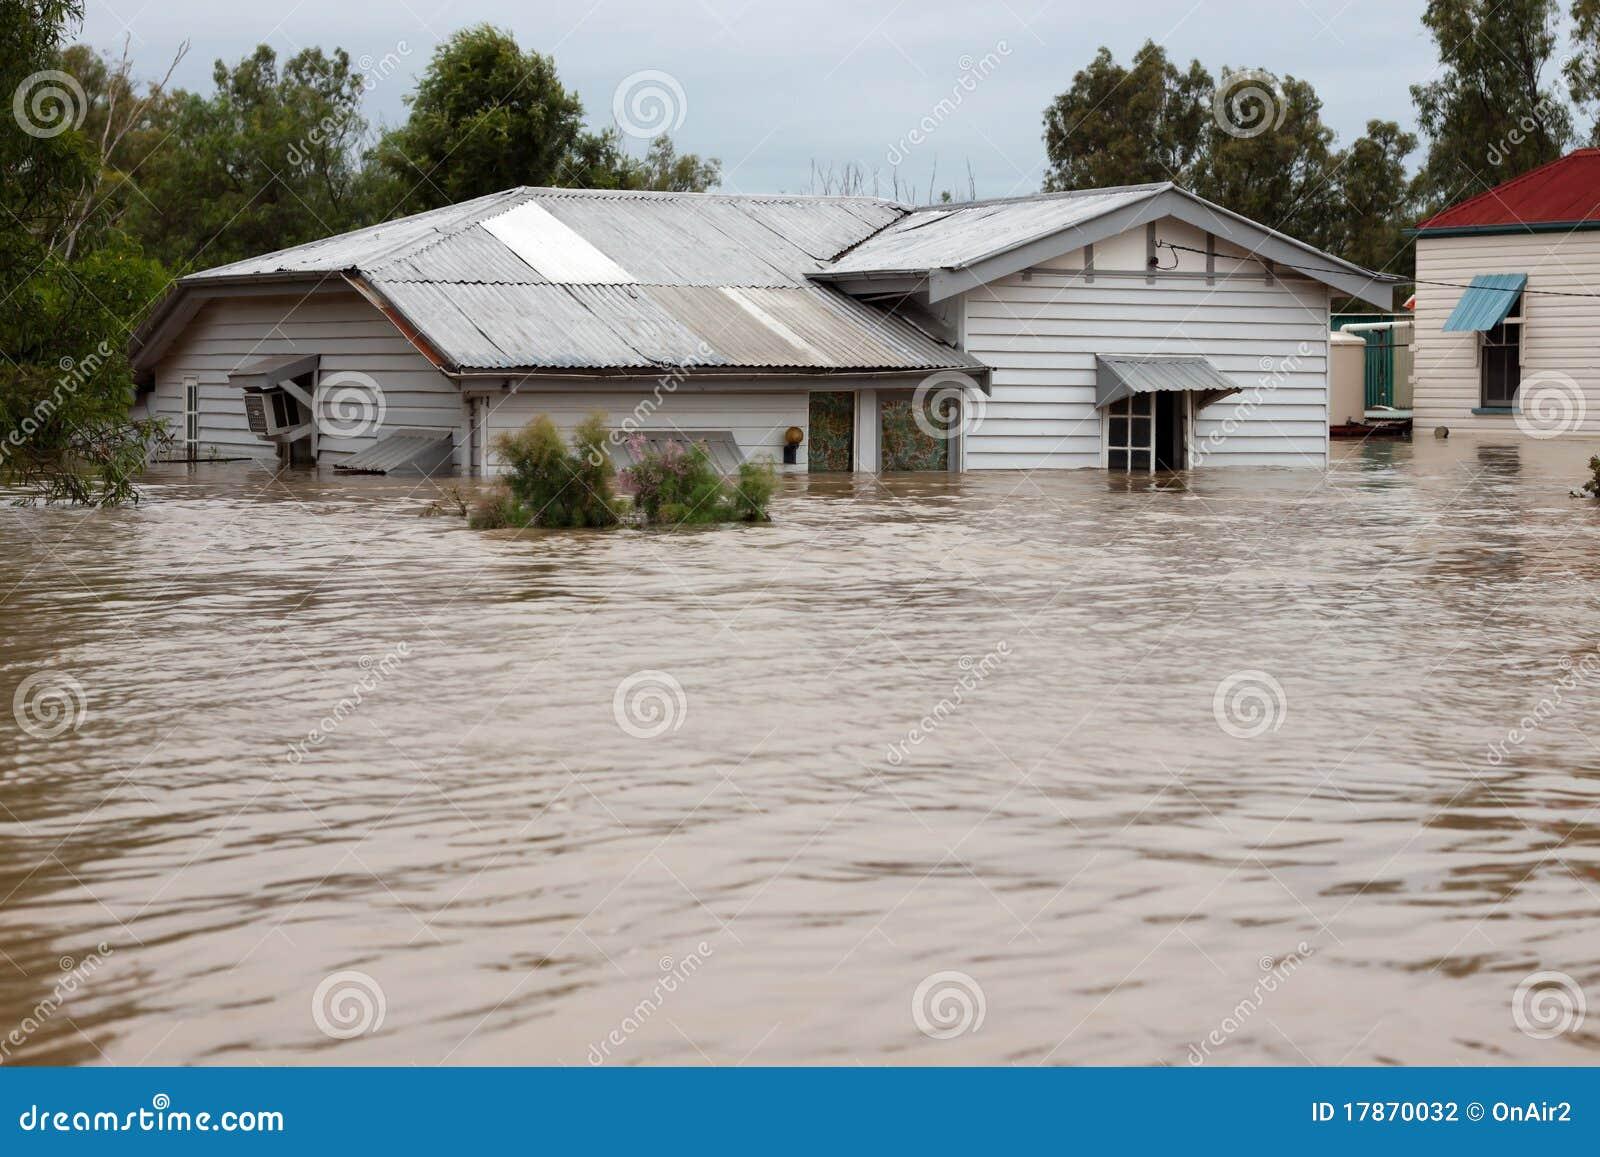 Chambre d 39 assurance contre l 39 inondation photographie stock for Chambre d assurance de dommages